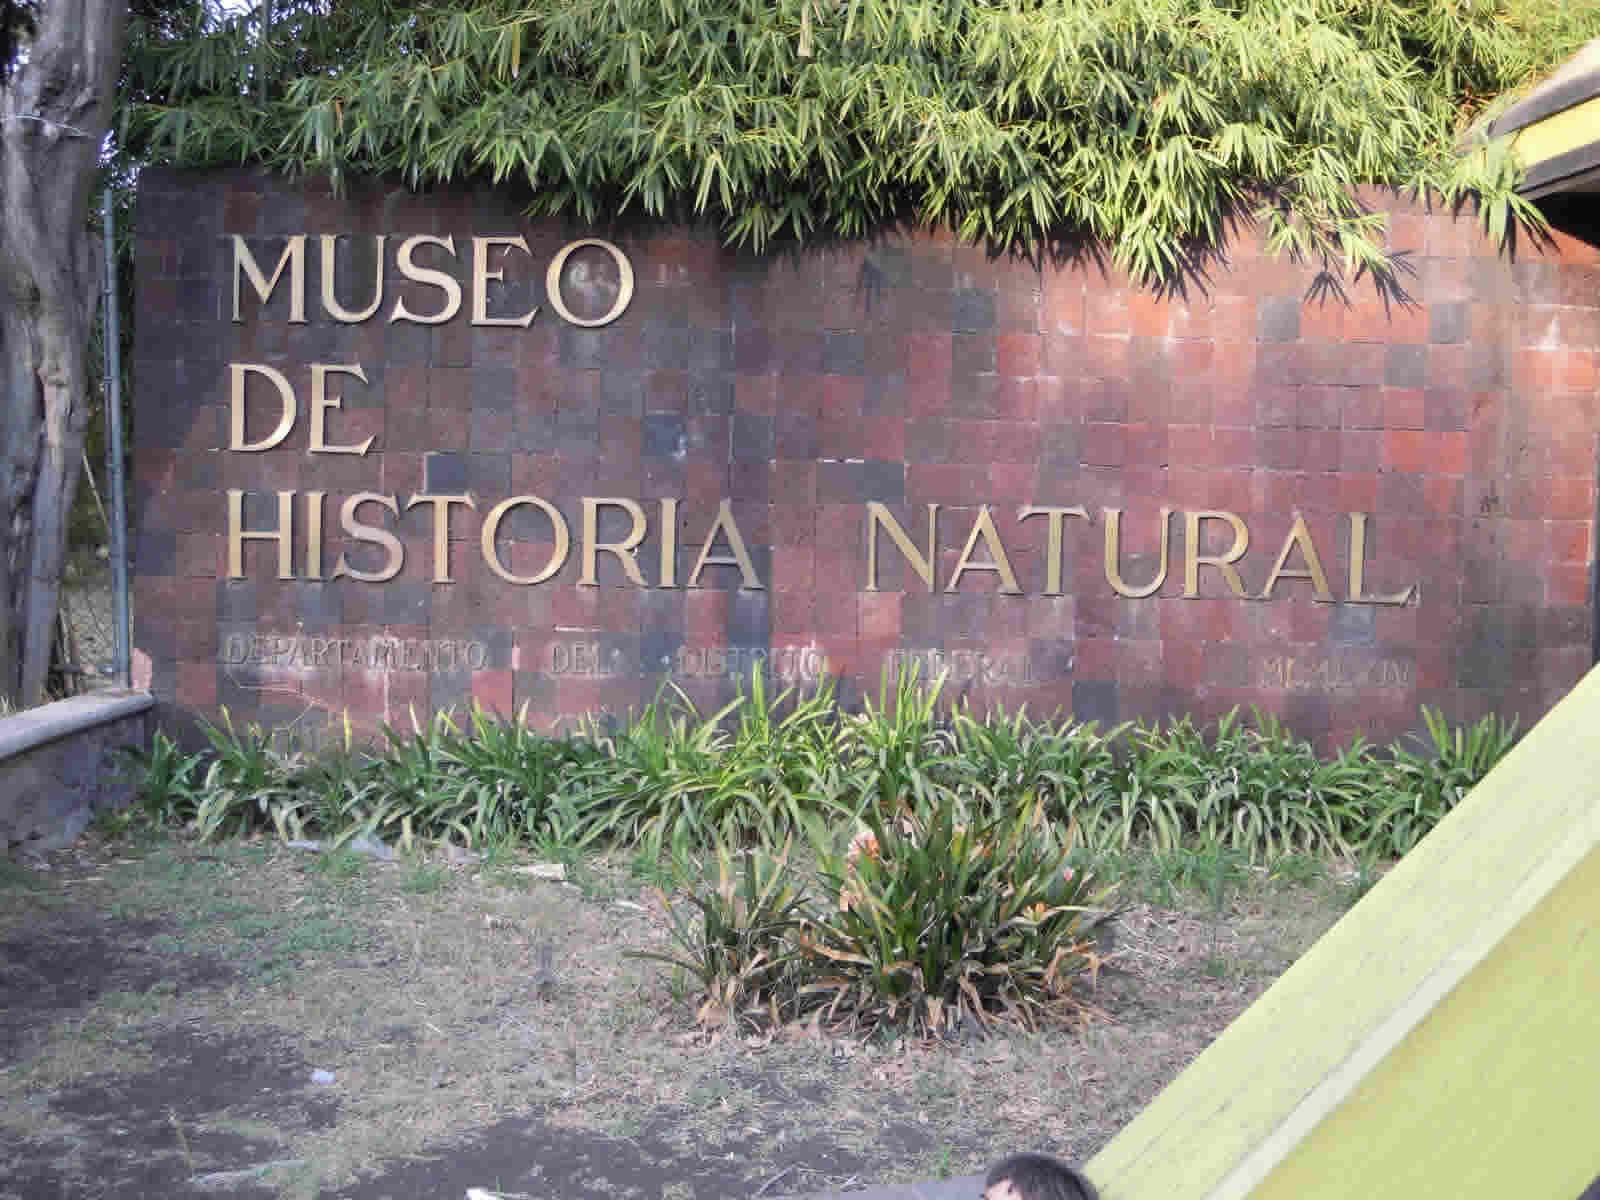 Museo de Historia Natural, Puebla